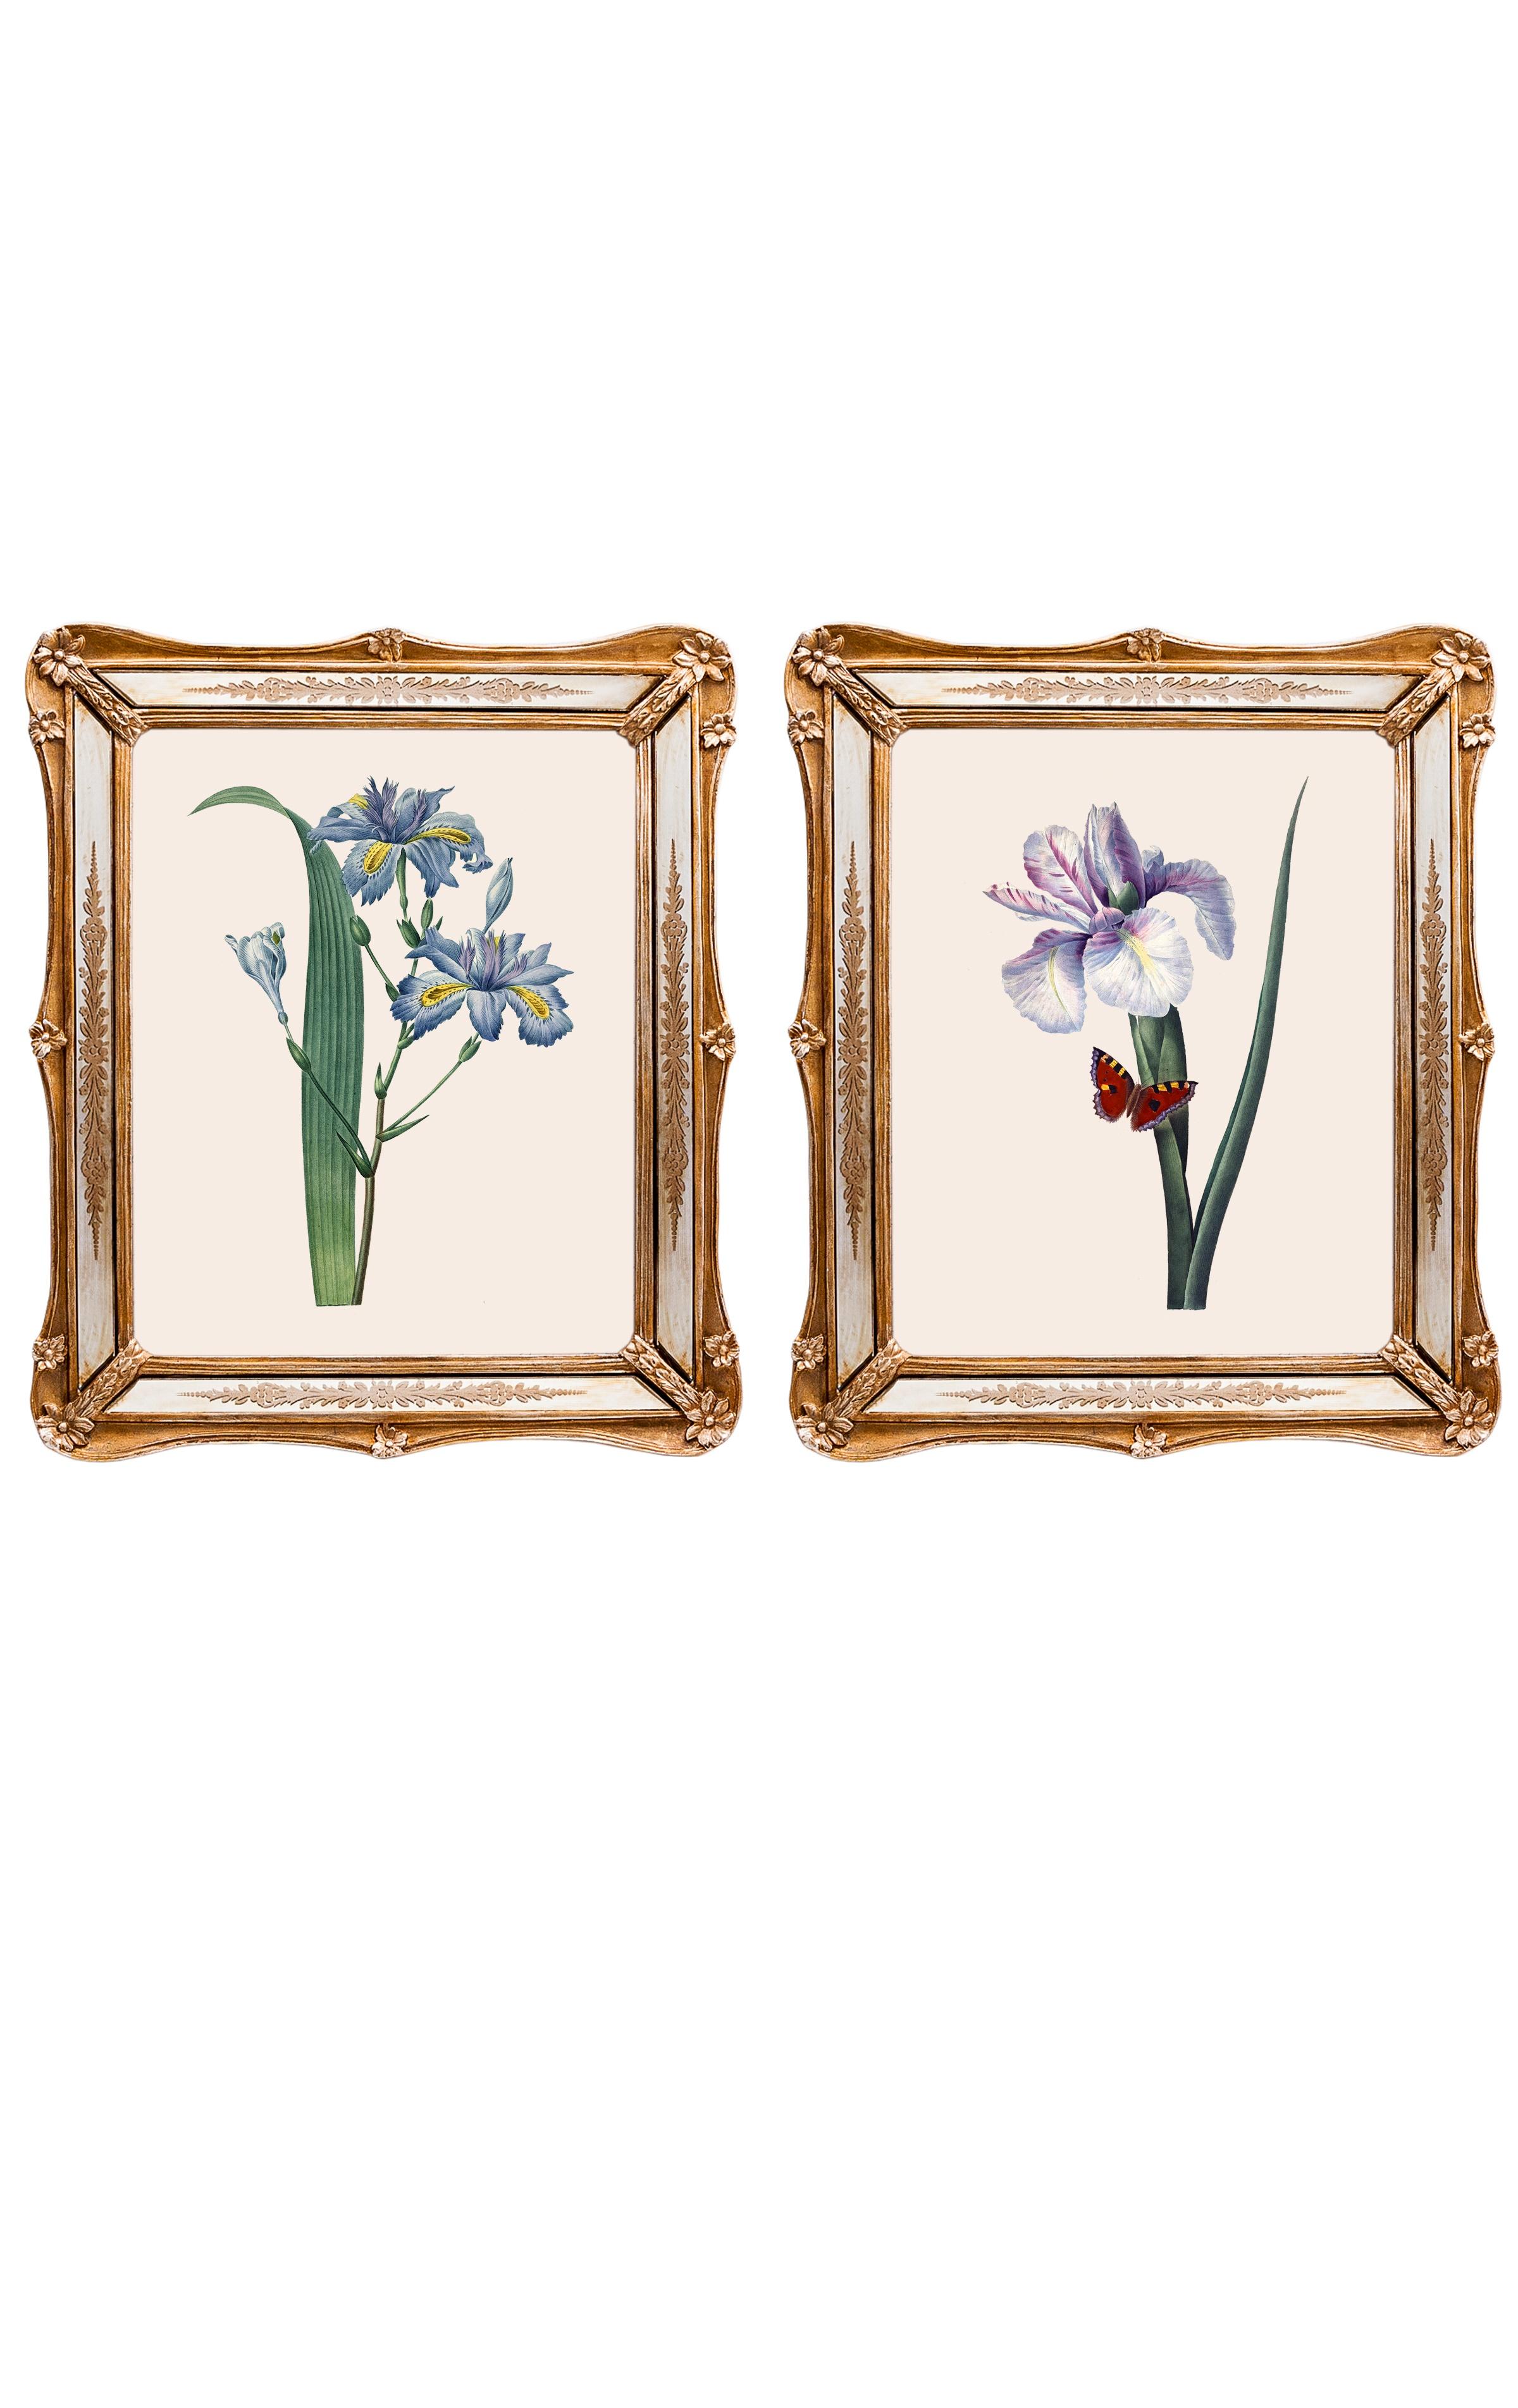 Набор из двух репродукций СофиКартины<br>&amp;lt;div&amp;gt;Репродукции акварелей французского художника Пьера-Жозефа Редуте, которого называли «Рафаэлем цветов», остаются так же свежи в начале 21 века, будто написаны совсем недавно. Они добавляют в интерьер нотки винтажной красоты, а удивительные цветы впечатляют своими изысканными формами. Репродукции акварелей в рамах с зеркальными вставками и золотым рельефом фантастически преображается в освещенном солнцем интерьере. Картины можно повесить на стену, а можно поставить, например, на стол или камин. Защитный стеклянный слой сохранит изображение от воздействий окружающей среды. Если Вам захочется обновить интерьер, Вы можете с легкостью заменить изображение картины!&amp;lt;/div&amp;gt;&amp;lt;div&amp;gt;&amp;lt;br&amp;gt;&amp;lt;/div&amp;gt;&amp;lt;div&amp;gt;Изображение - дизайнерская бумага; рама - искуственный камень, зеркальные вставки; защитный слой - стекло&amp;amp;nbsp;&amp;lt;/div&amp;gt;&amp;lt;div&amp;gt;цвет:мультиколор&amp;amp;nbsp;&amp;lt;/div&amp;gt;<br><br>Material: Бумага<br>Width см: 26,5<br>Depth см: 2<br>Height см: 30,5